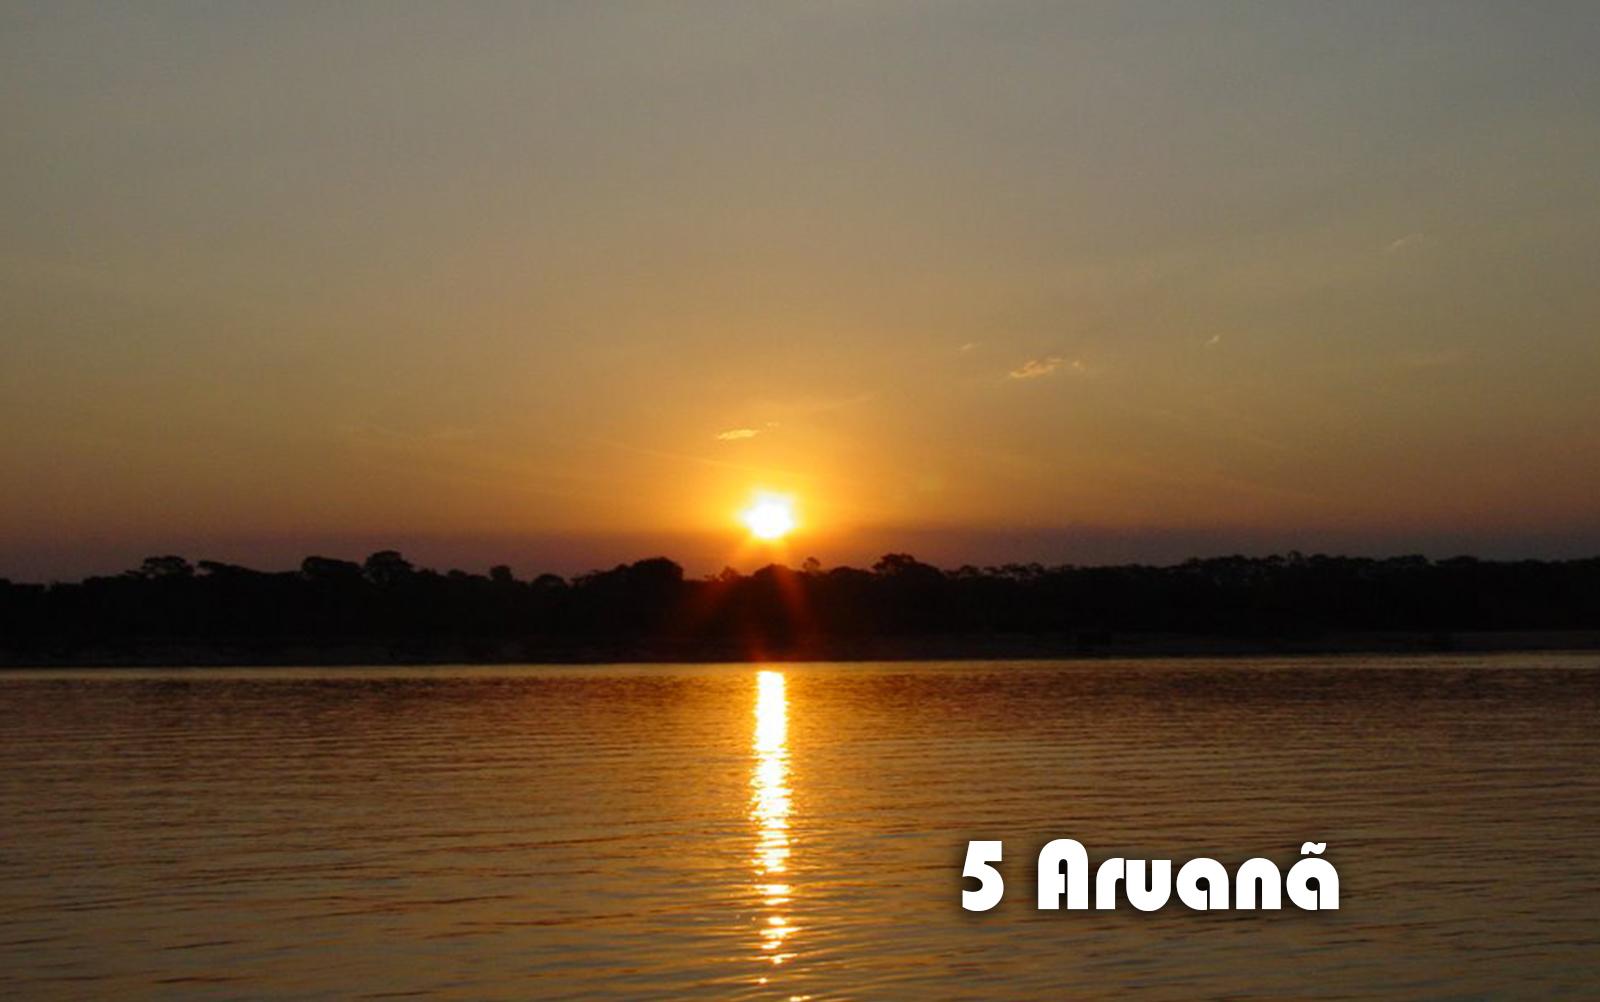 Para quem não conhece o Rio Araguaia, a cidade de Aruanã é chance certa de se apaixonar | Foto: Reprodução